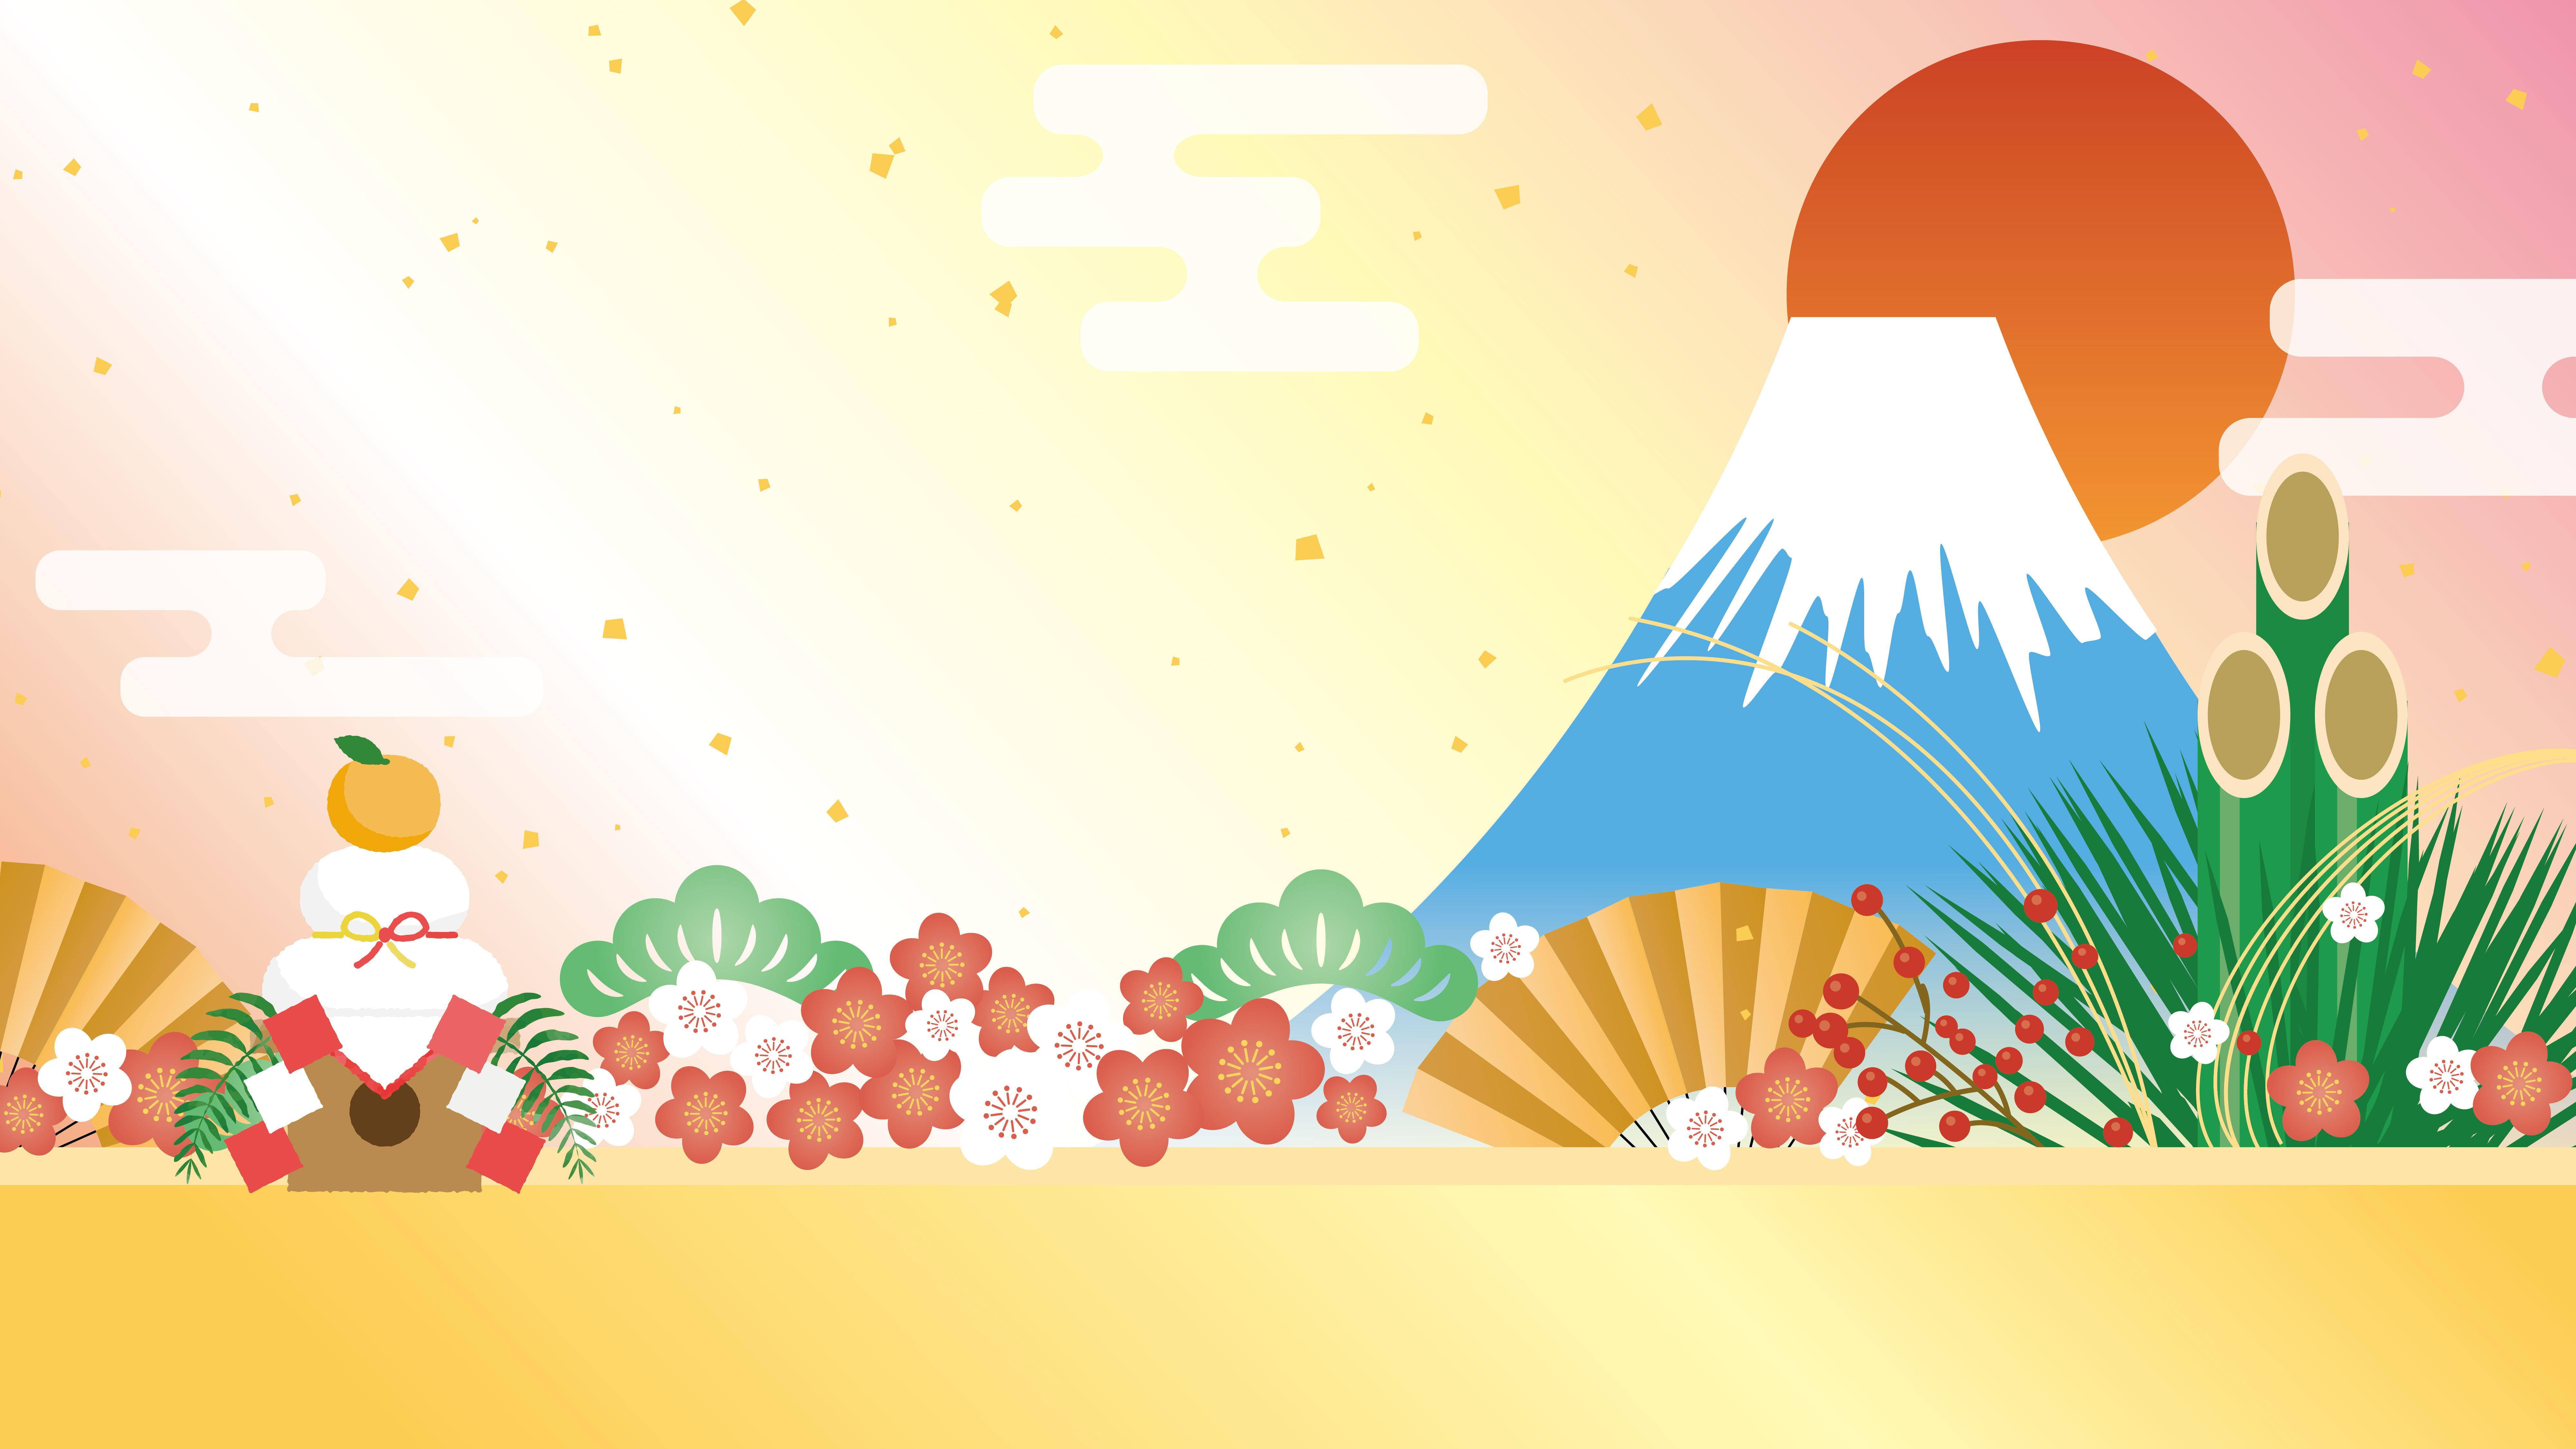 正月_コピペなし-02 (1).jpg